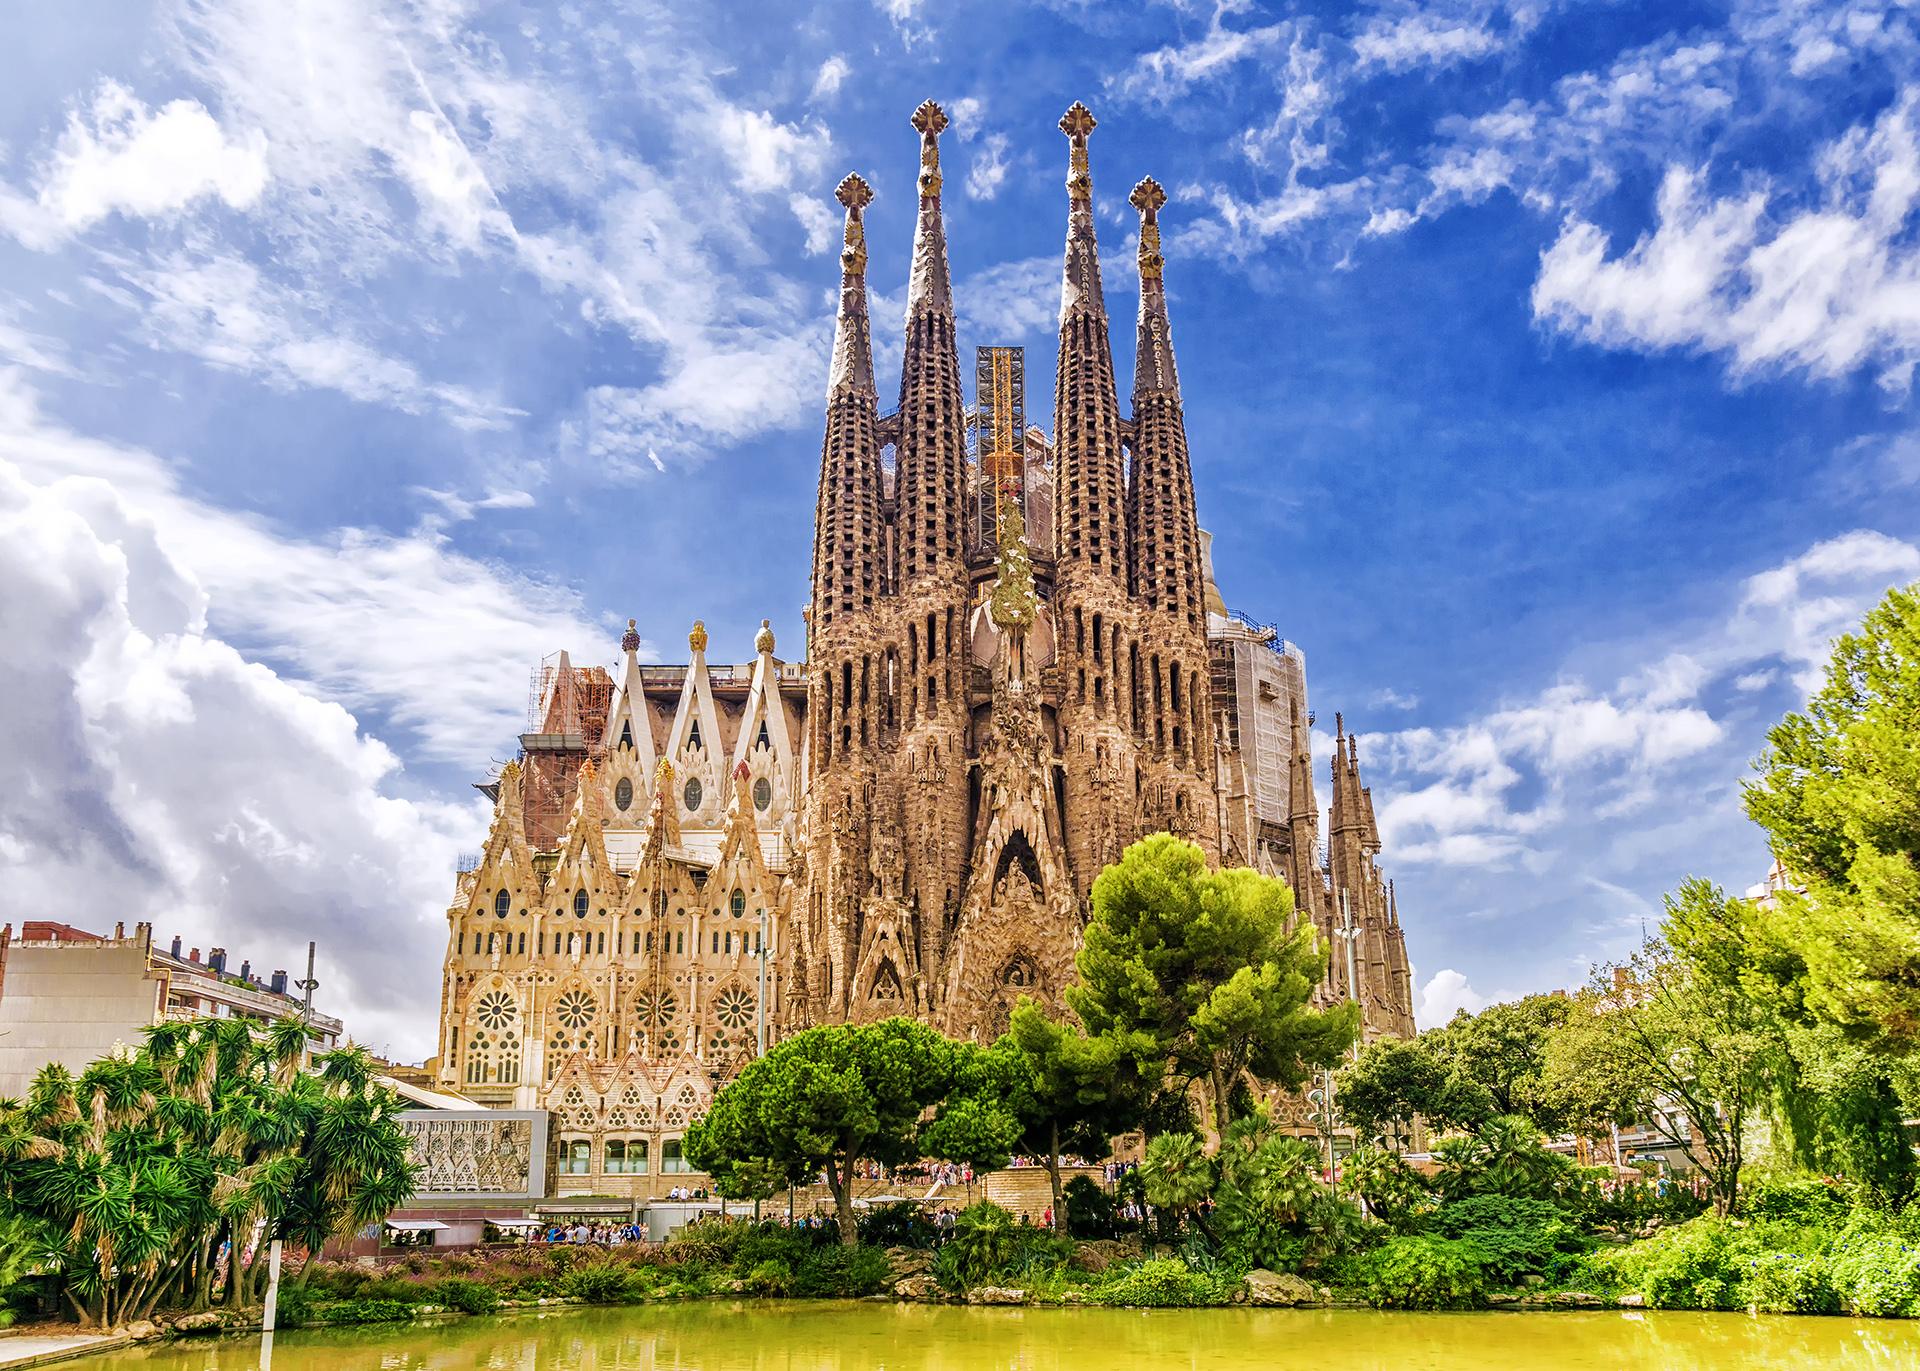 Ubicada en la costa del mar Mediterráneo, Barcelona es una de las ciudades para visitar por sus emblemáticos edificios como lo son por ejemplo la basílica de la Sagrada Familia, Casa Batlló, Park Güell y la tradicional playa de la Barceloneta